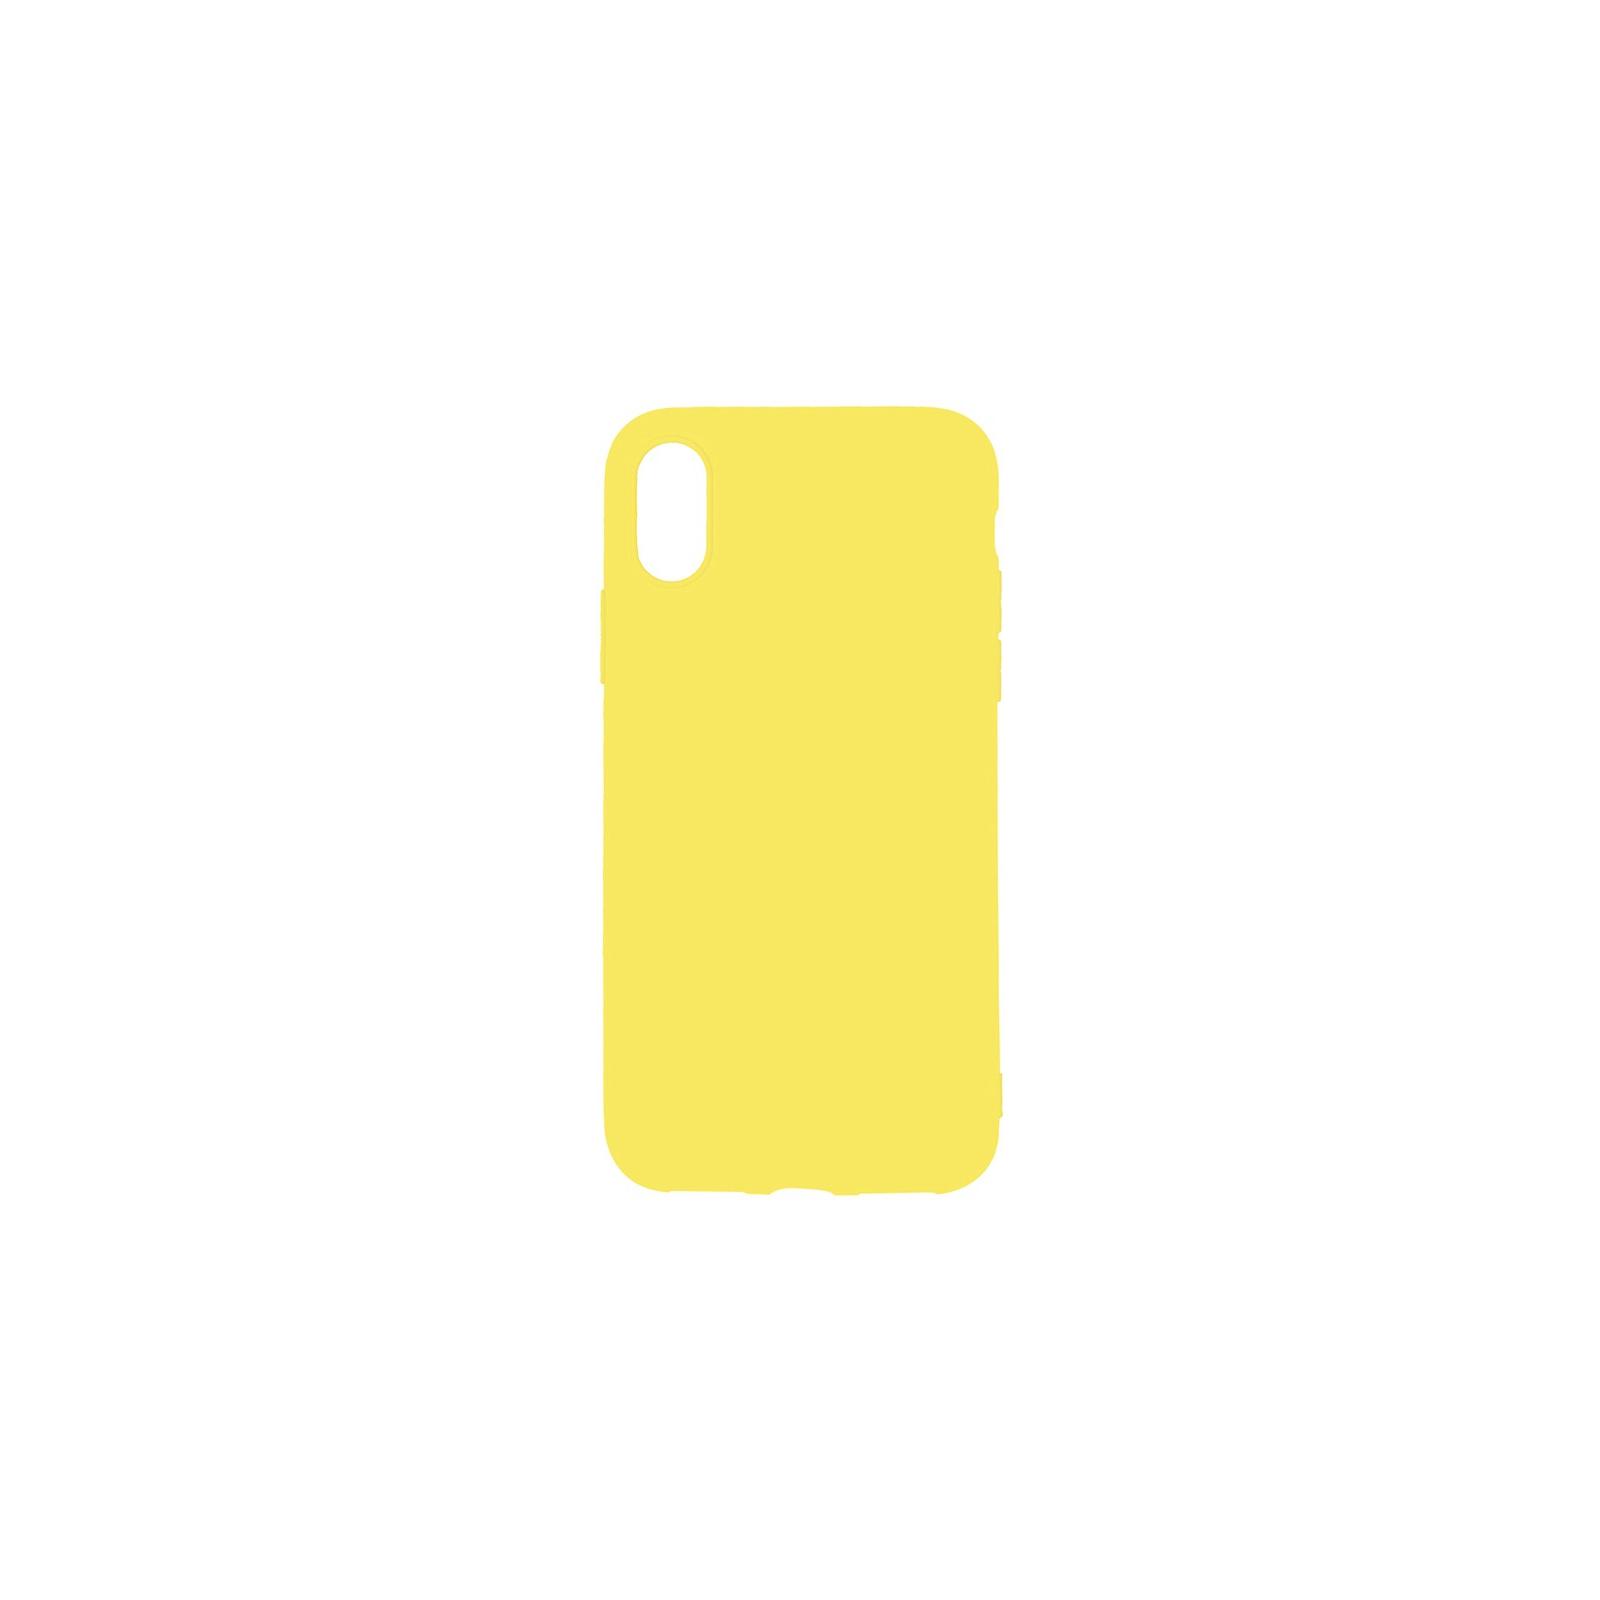 Чехол для моб. телефона Toto 1mm Matt TPU Case Apple iPhone XR Yellow (F_93845)